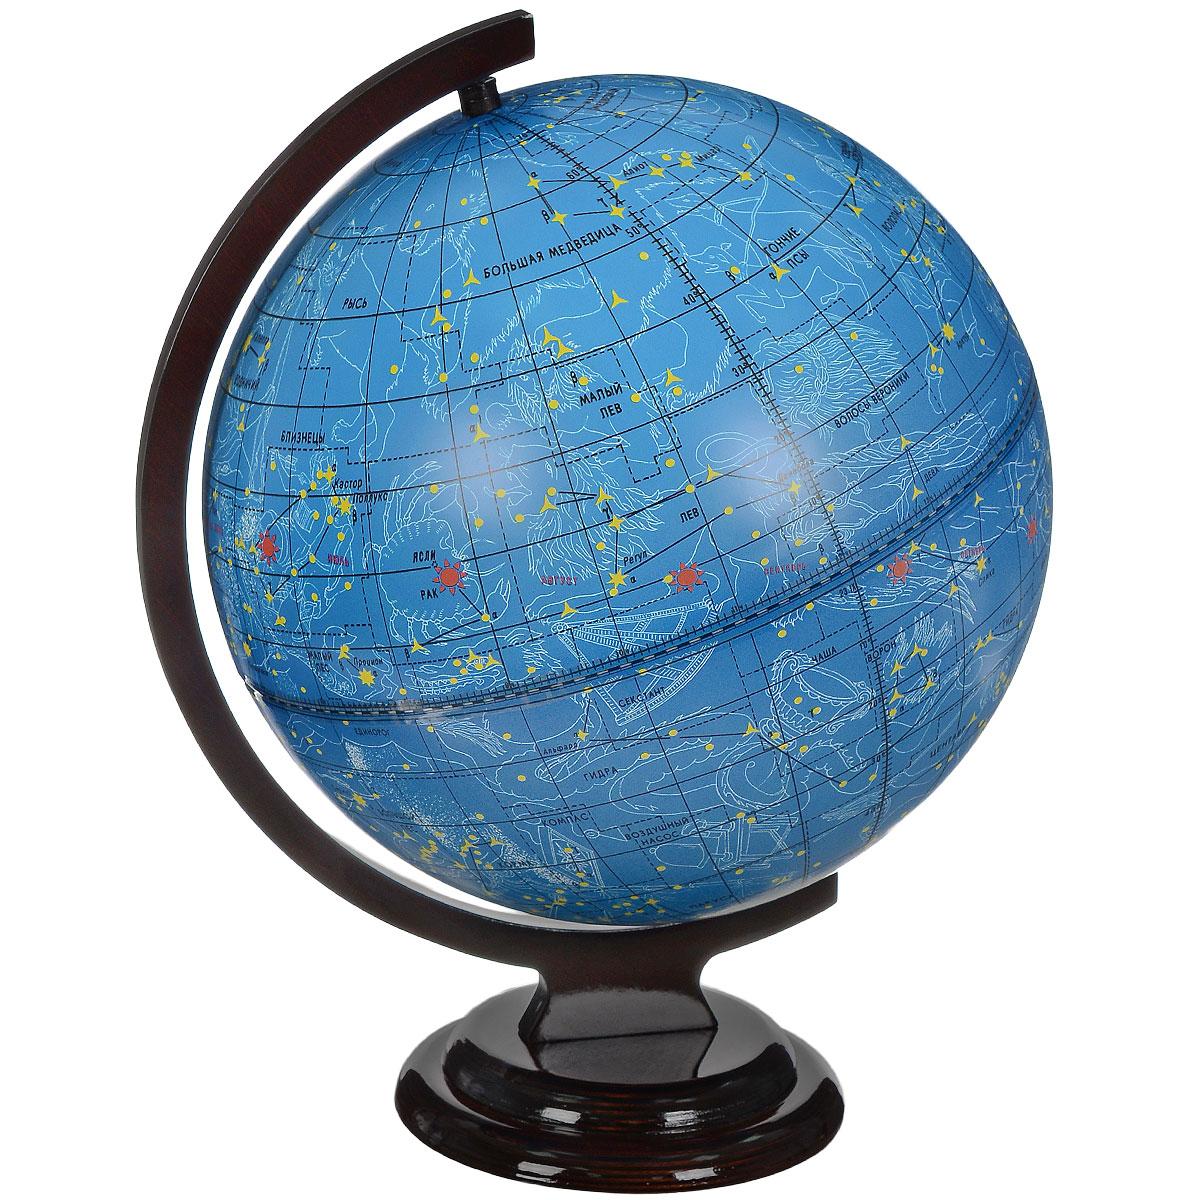 Глобусный мир Глобус звездного неба, диаметр 32 см. 1006510065Глобус звездного неба Глобусный мир, изготовлен из высококачественного прочного пластика. Данная модель предназначена для ознакомления с космосом, звездами и созвездиями. На нем нанесены те же круги, что и на картах звёздного неба, - небесные параллели, меридианы, экватор и эклиптика. Такой глобус станет прекрасным подарком и учебным материалом для дальнейшего изучения астрономии. Помимо этого, глобус обладает приятной цветовой гаммой. Изделие расположено на деревянной подставке. Настольный глобус звездного неба Глобусный мир станет оригинальным украшением рабочего стола или вашего кабинета. Это изысканная вещь для стильного интерьера, которая станет прекрасным подарком для современного преуспевающего человека, следующего последним тенденциям моды и стремящегося к элегантности и комфорту в каждой детали. Масштаб: 1:40 000 000.